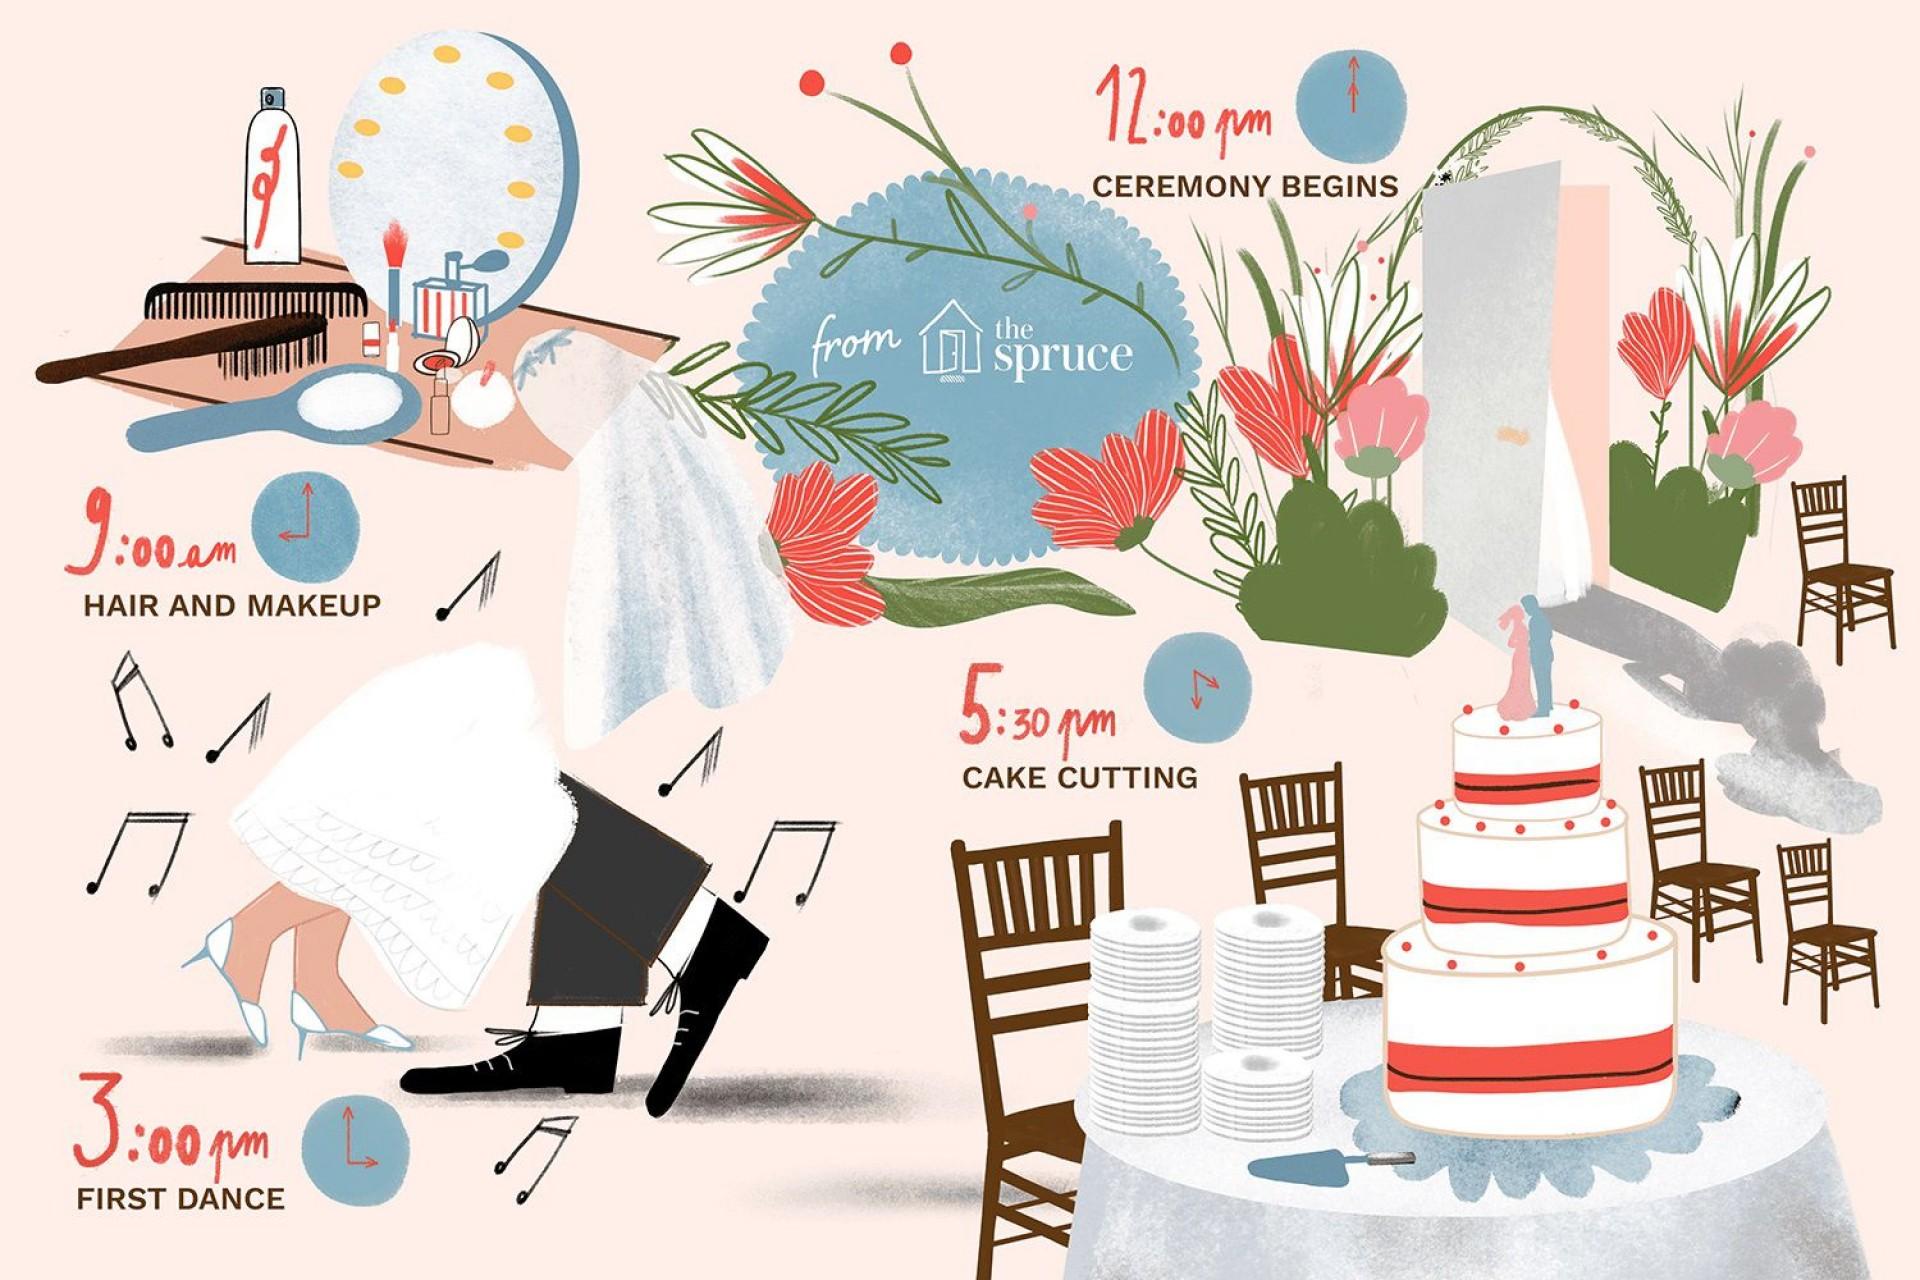 008 Impressive Wedding Timeline Template Free High Def  Day Excel Program1920